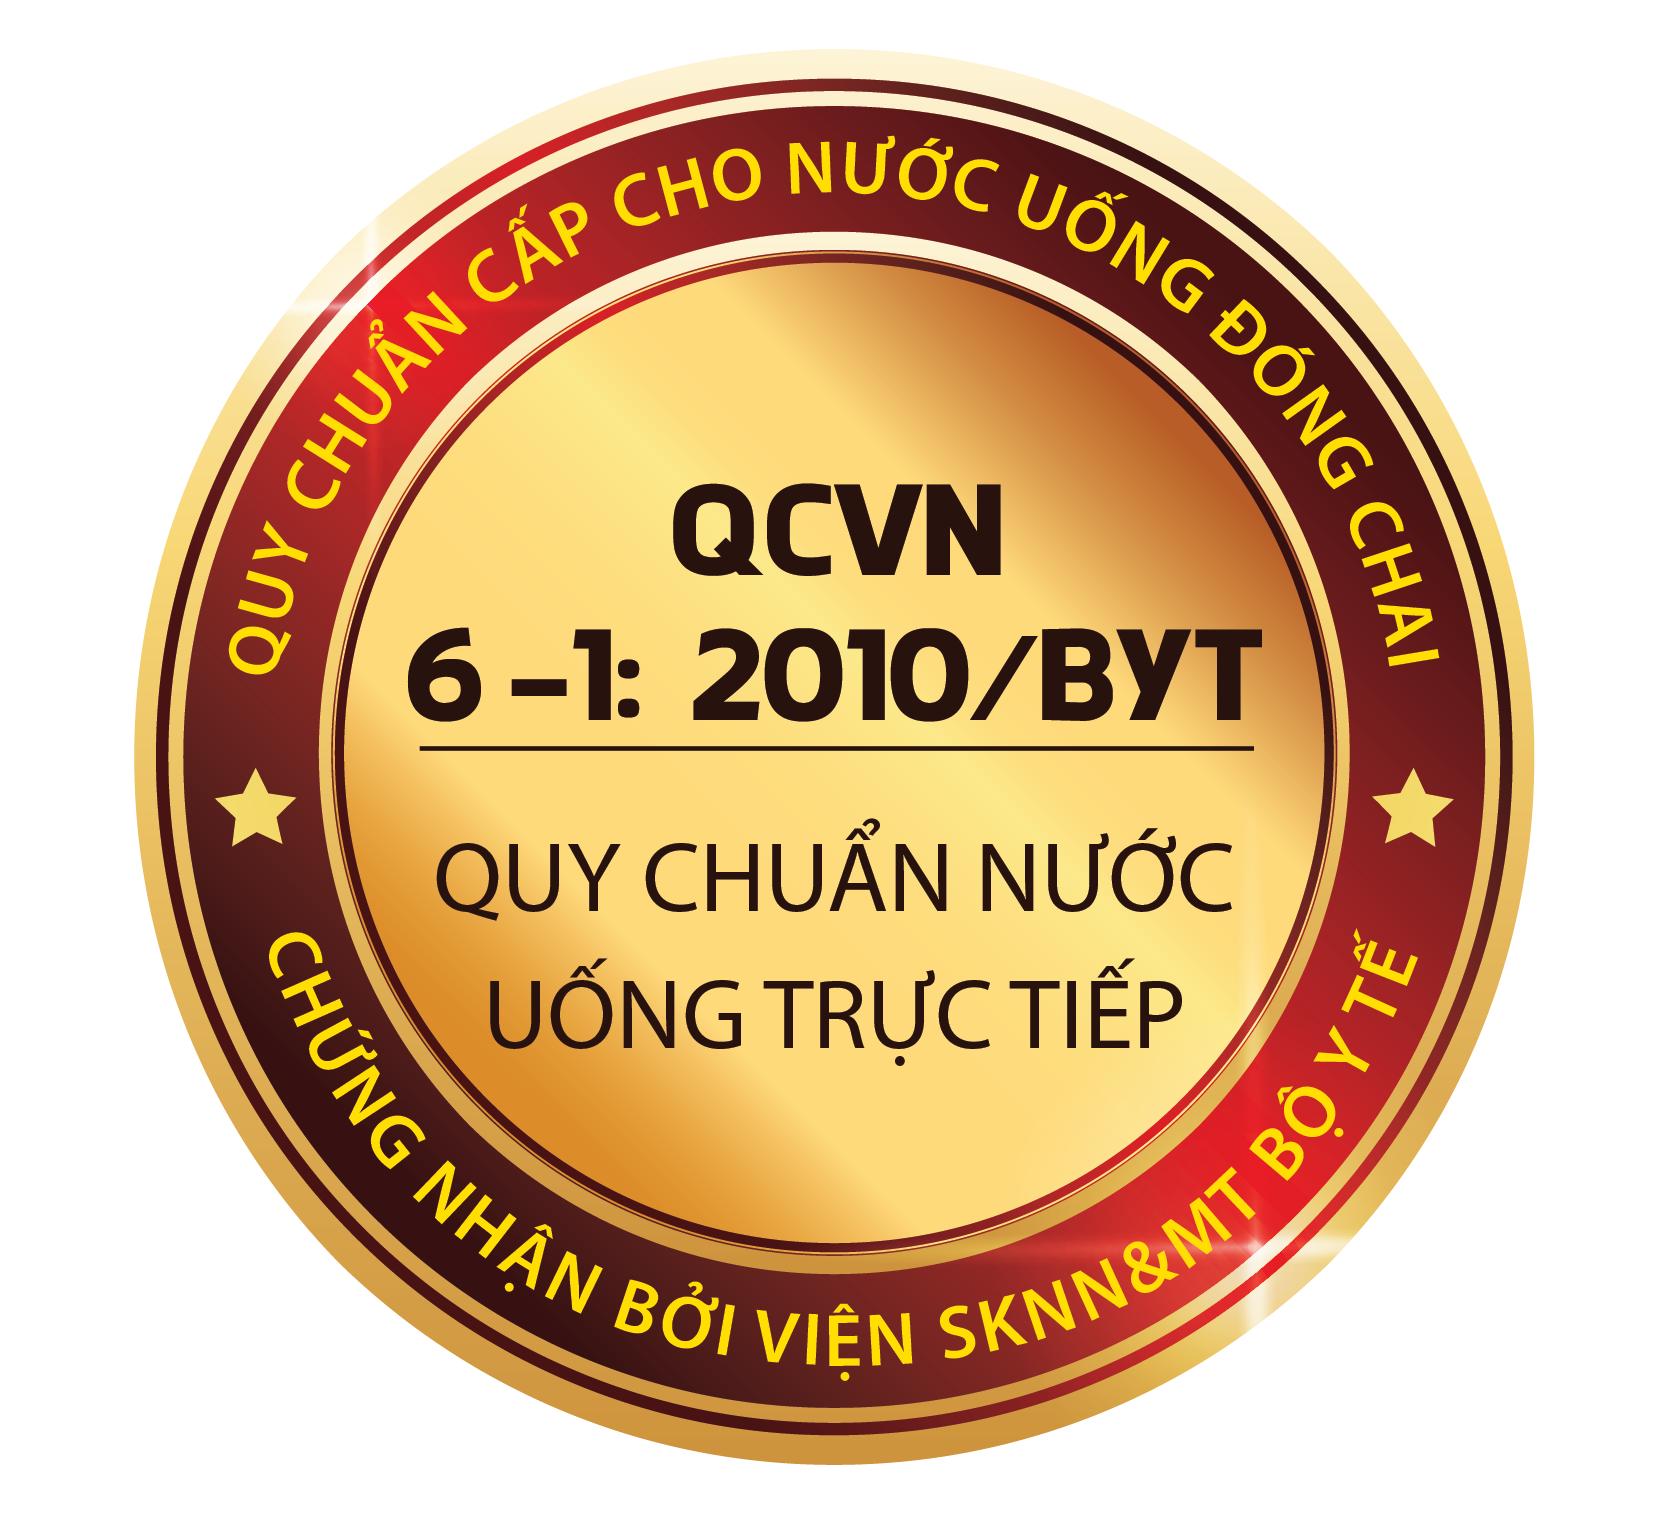 QCVN6-1